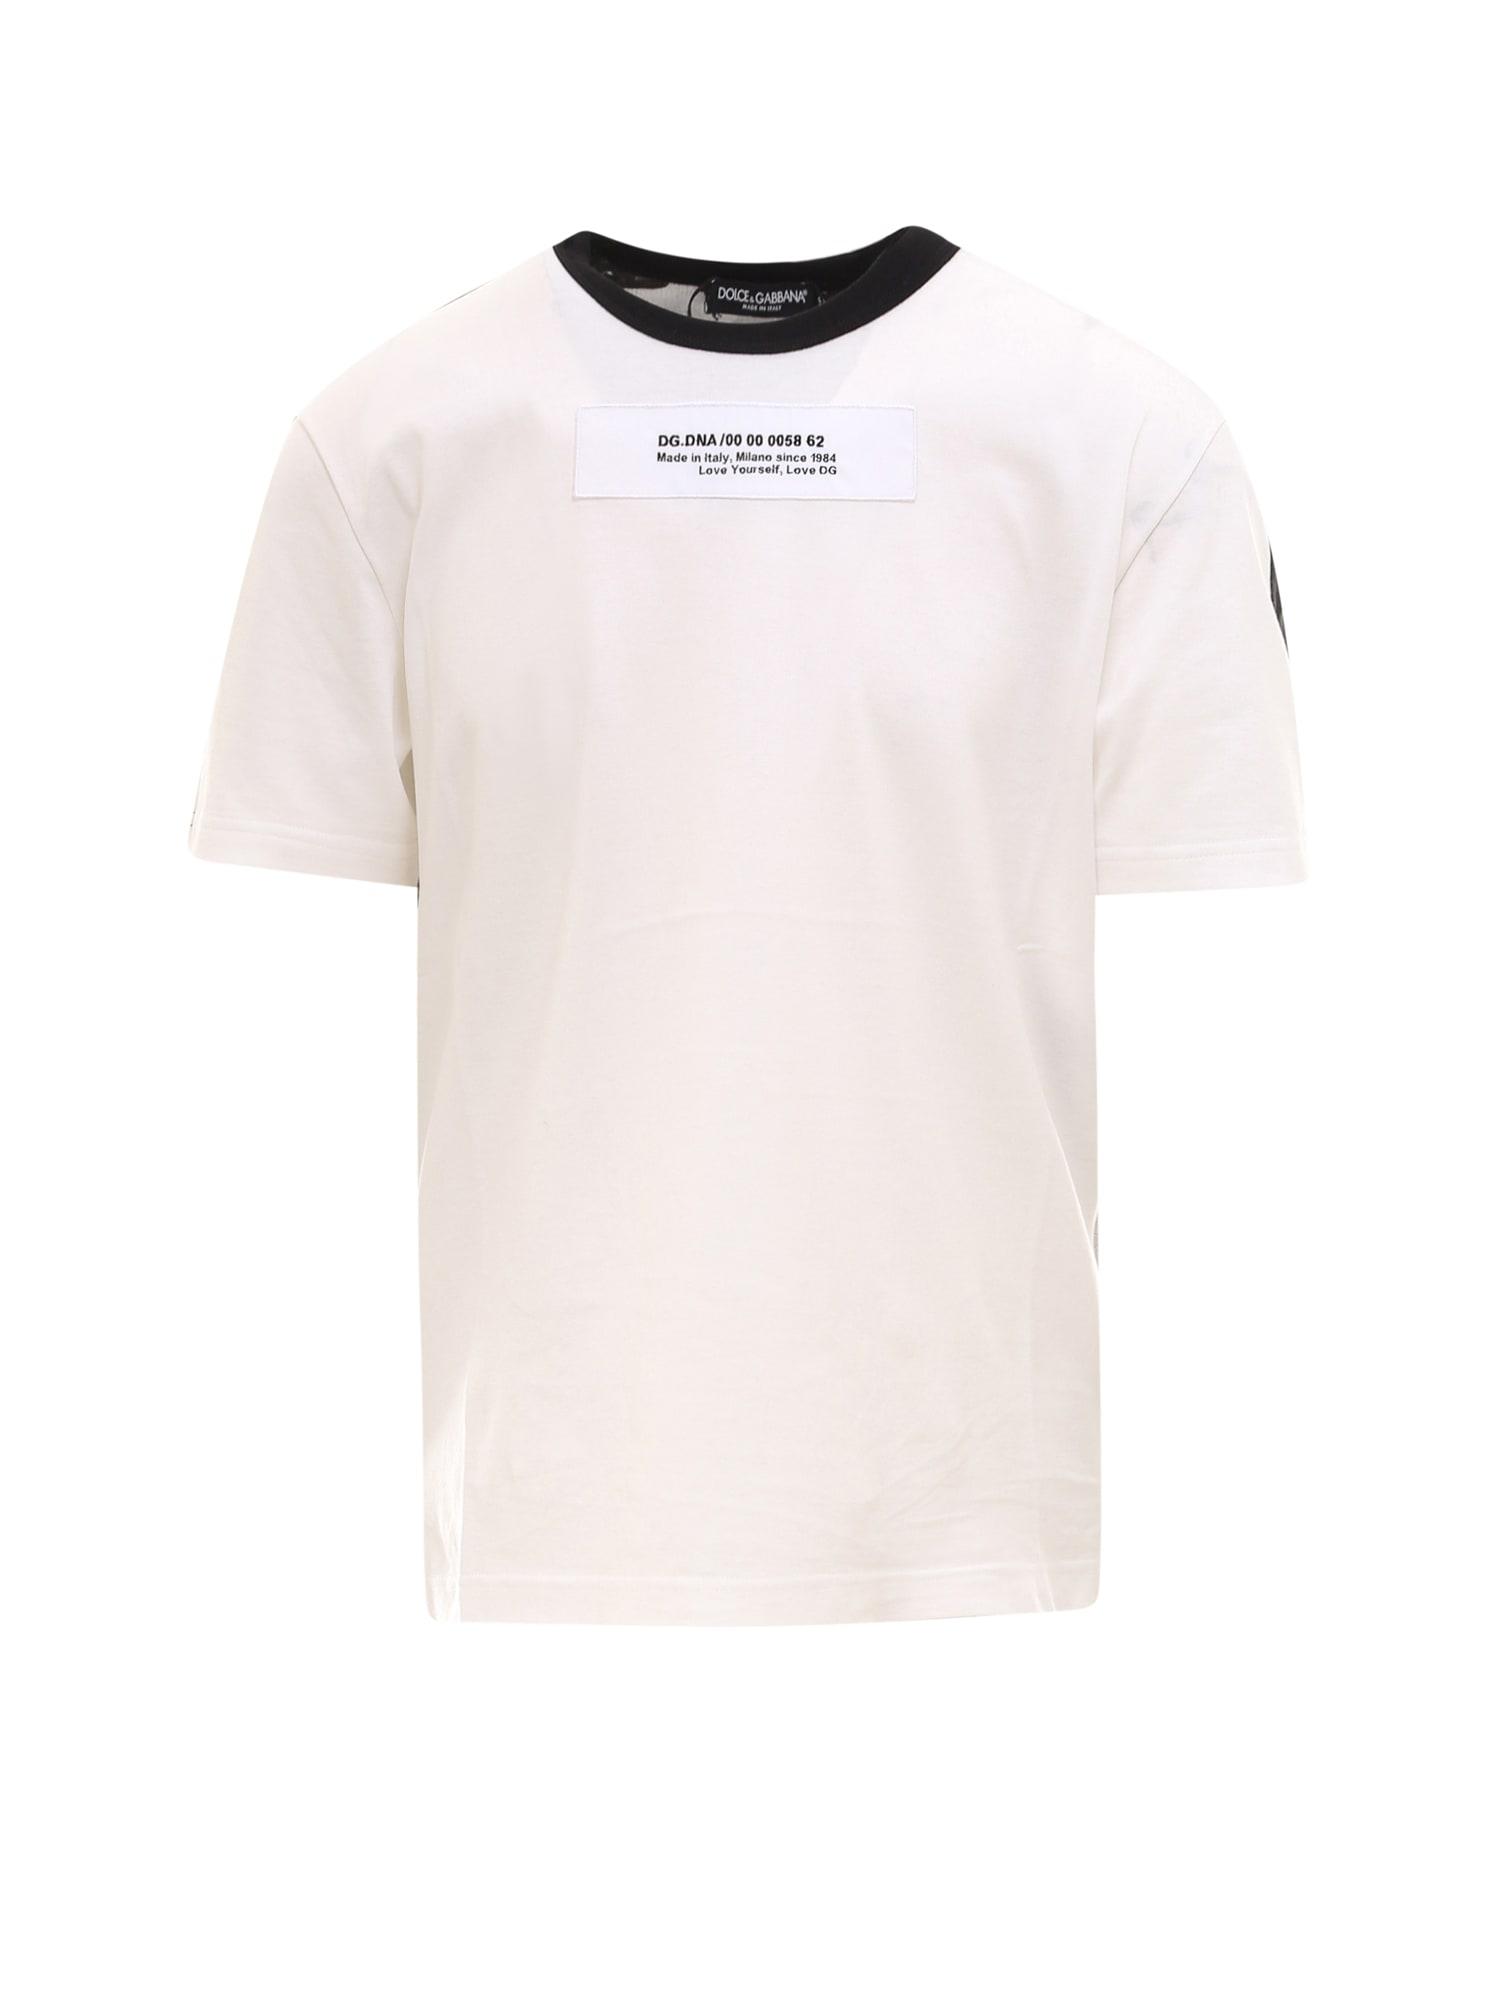 Dolce & Gabbana Cottons T-SHIRT